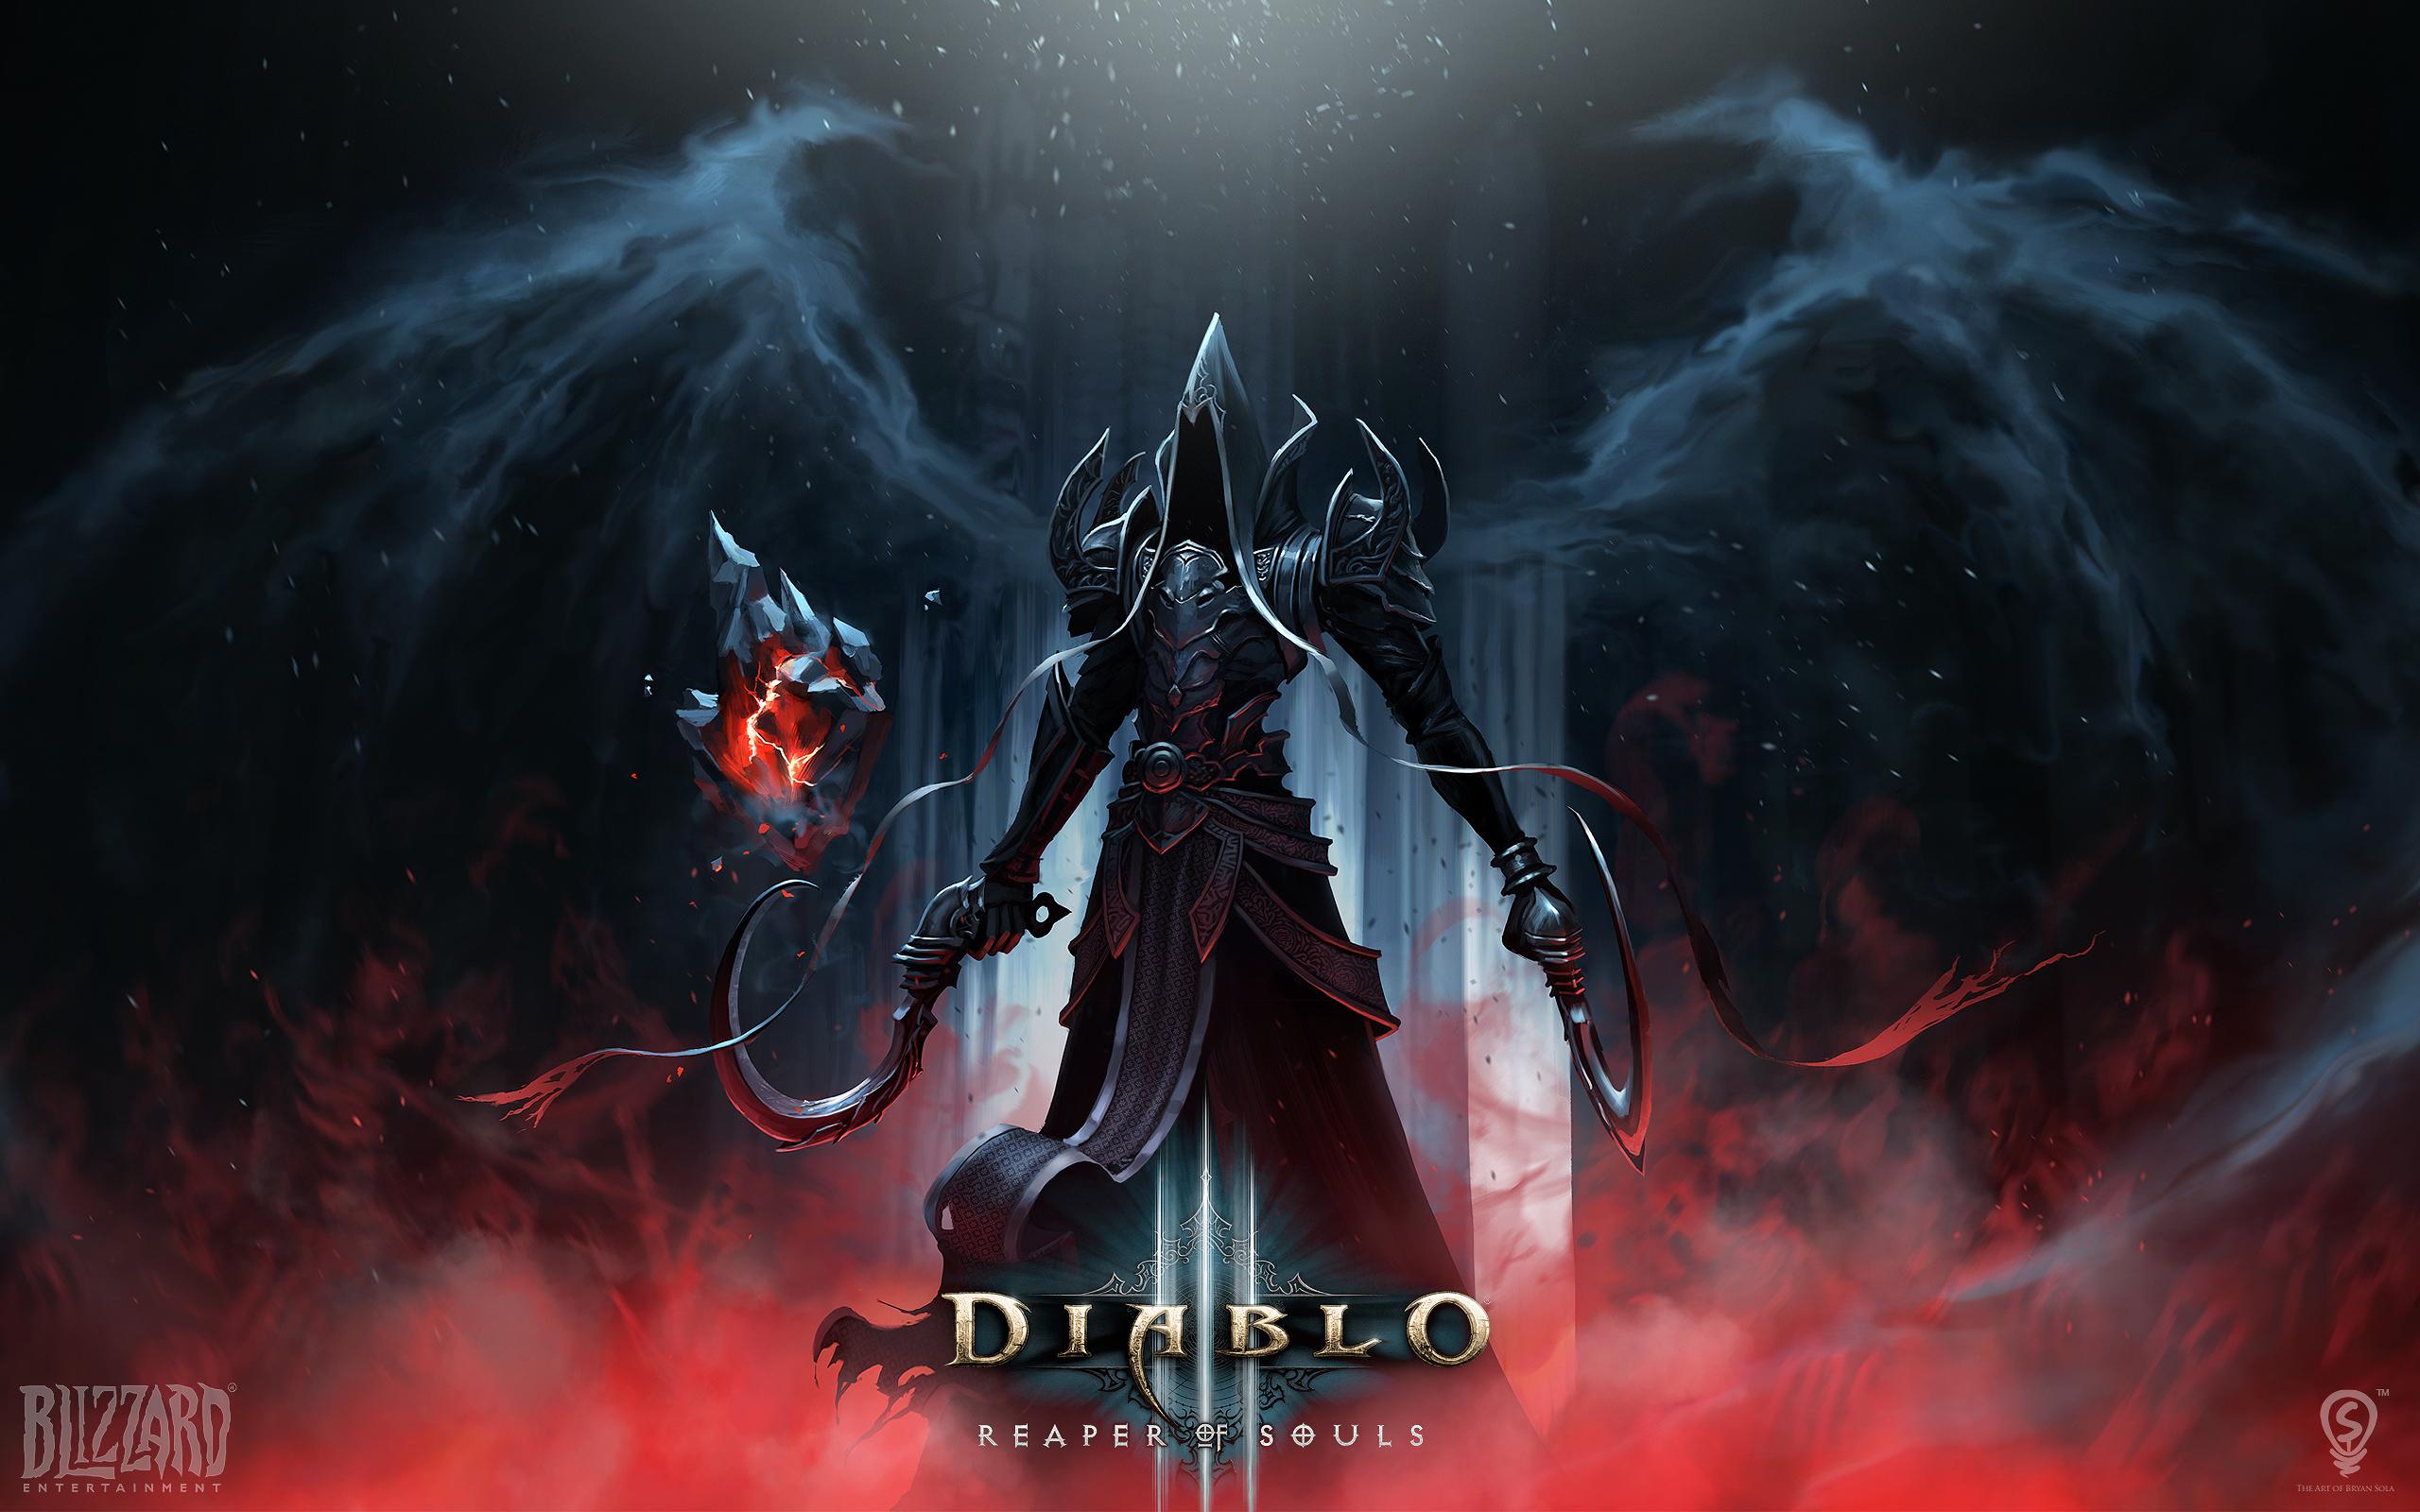 фэнтези diablo 3 reaper of souls без смс